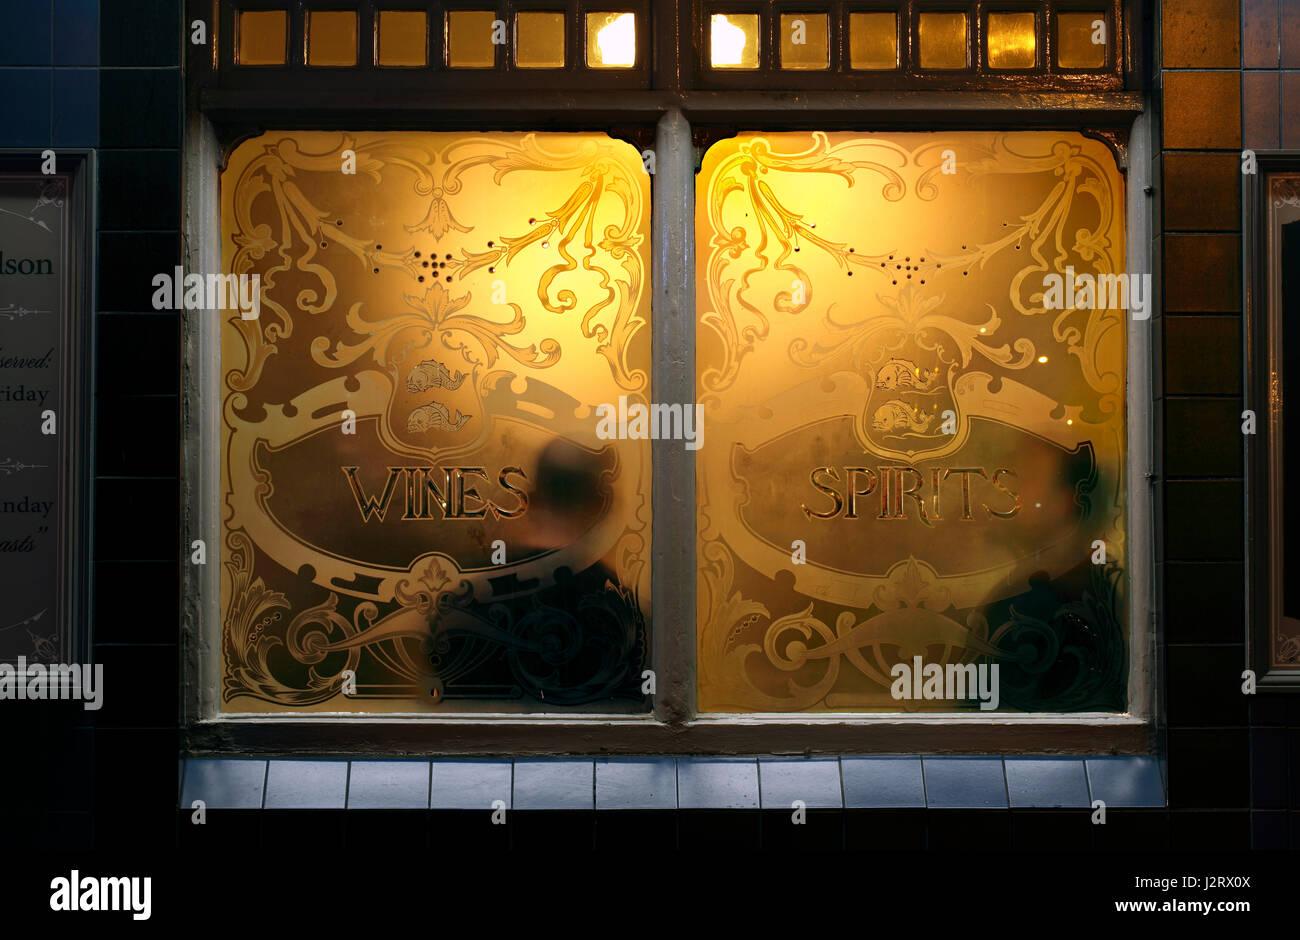 Die warme, gemütliche Atmosphäre eines englischen Pub - wie von der Straße aus gesehen. Stockbild